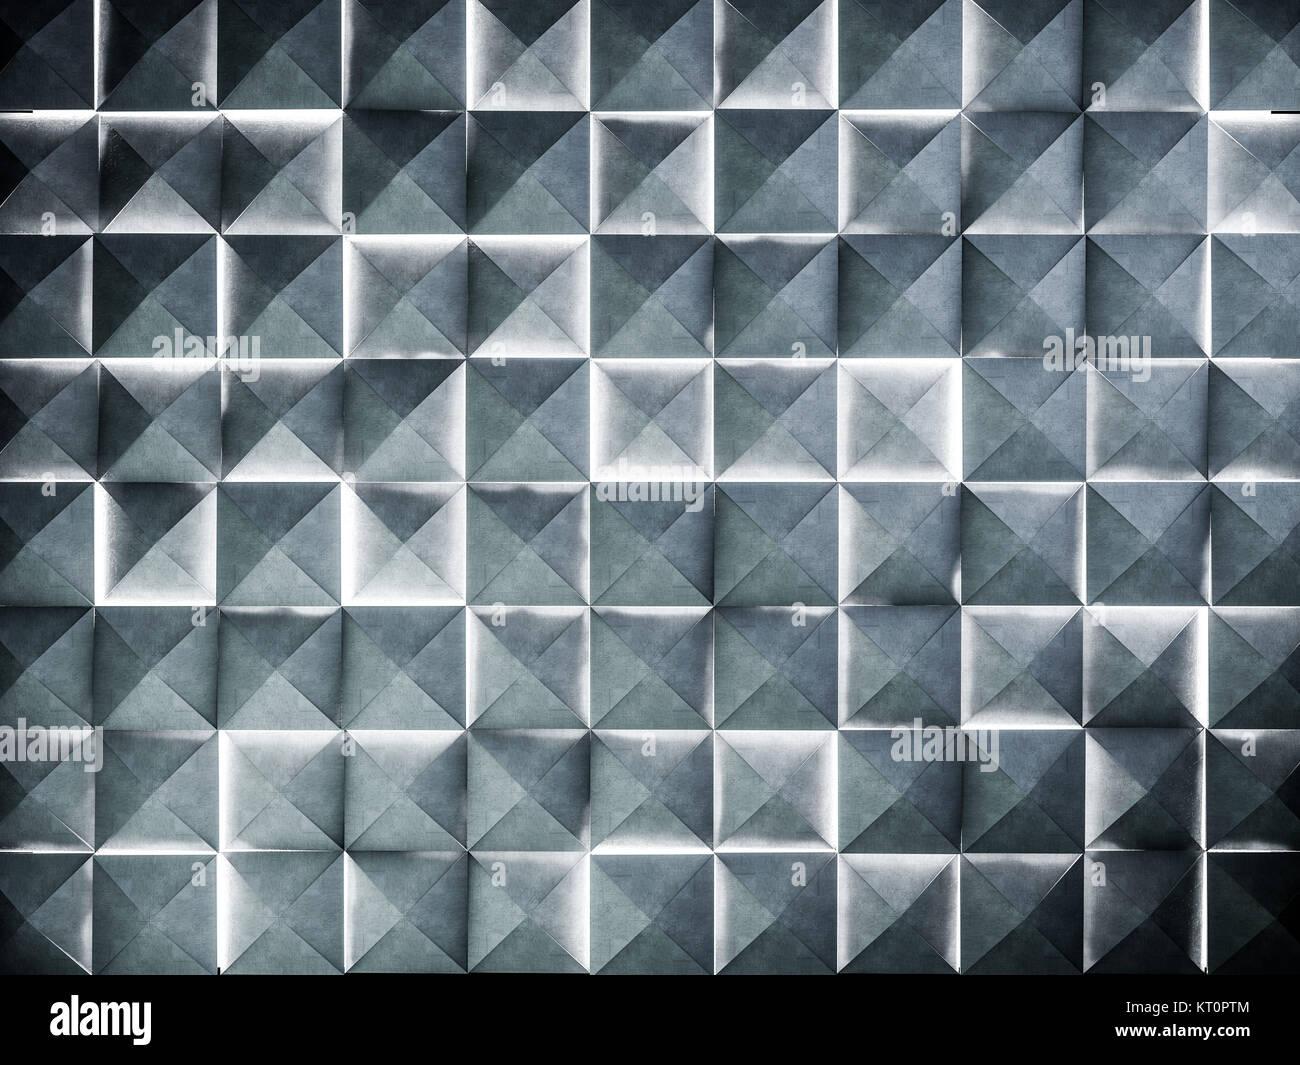 Resumen antecedentes para el diseño. 3D rendering Imagen De Stock